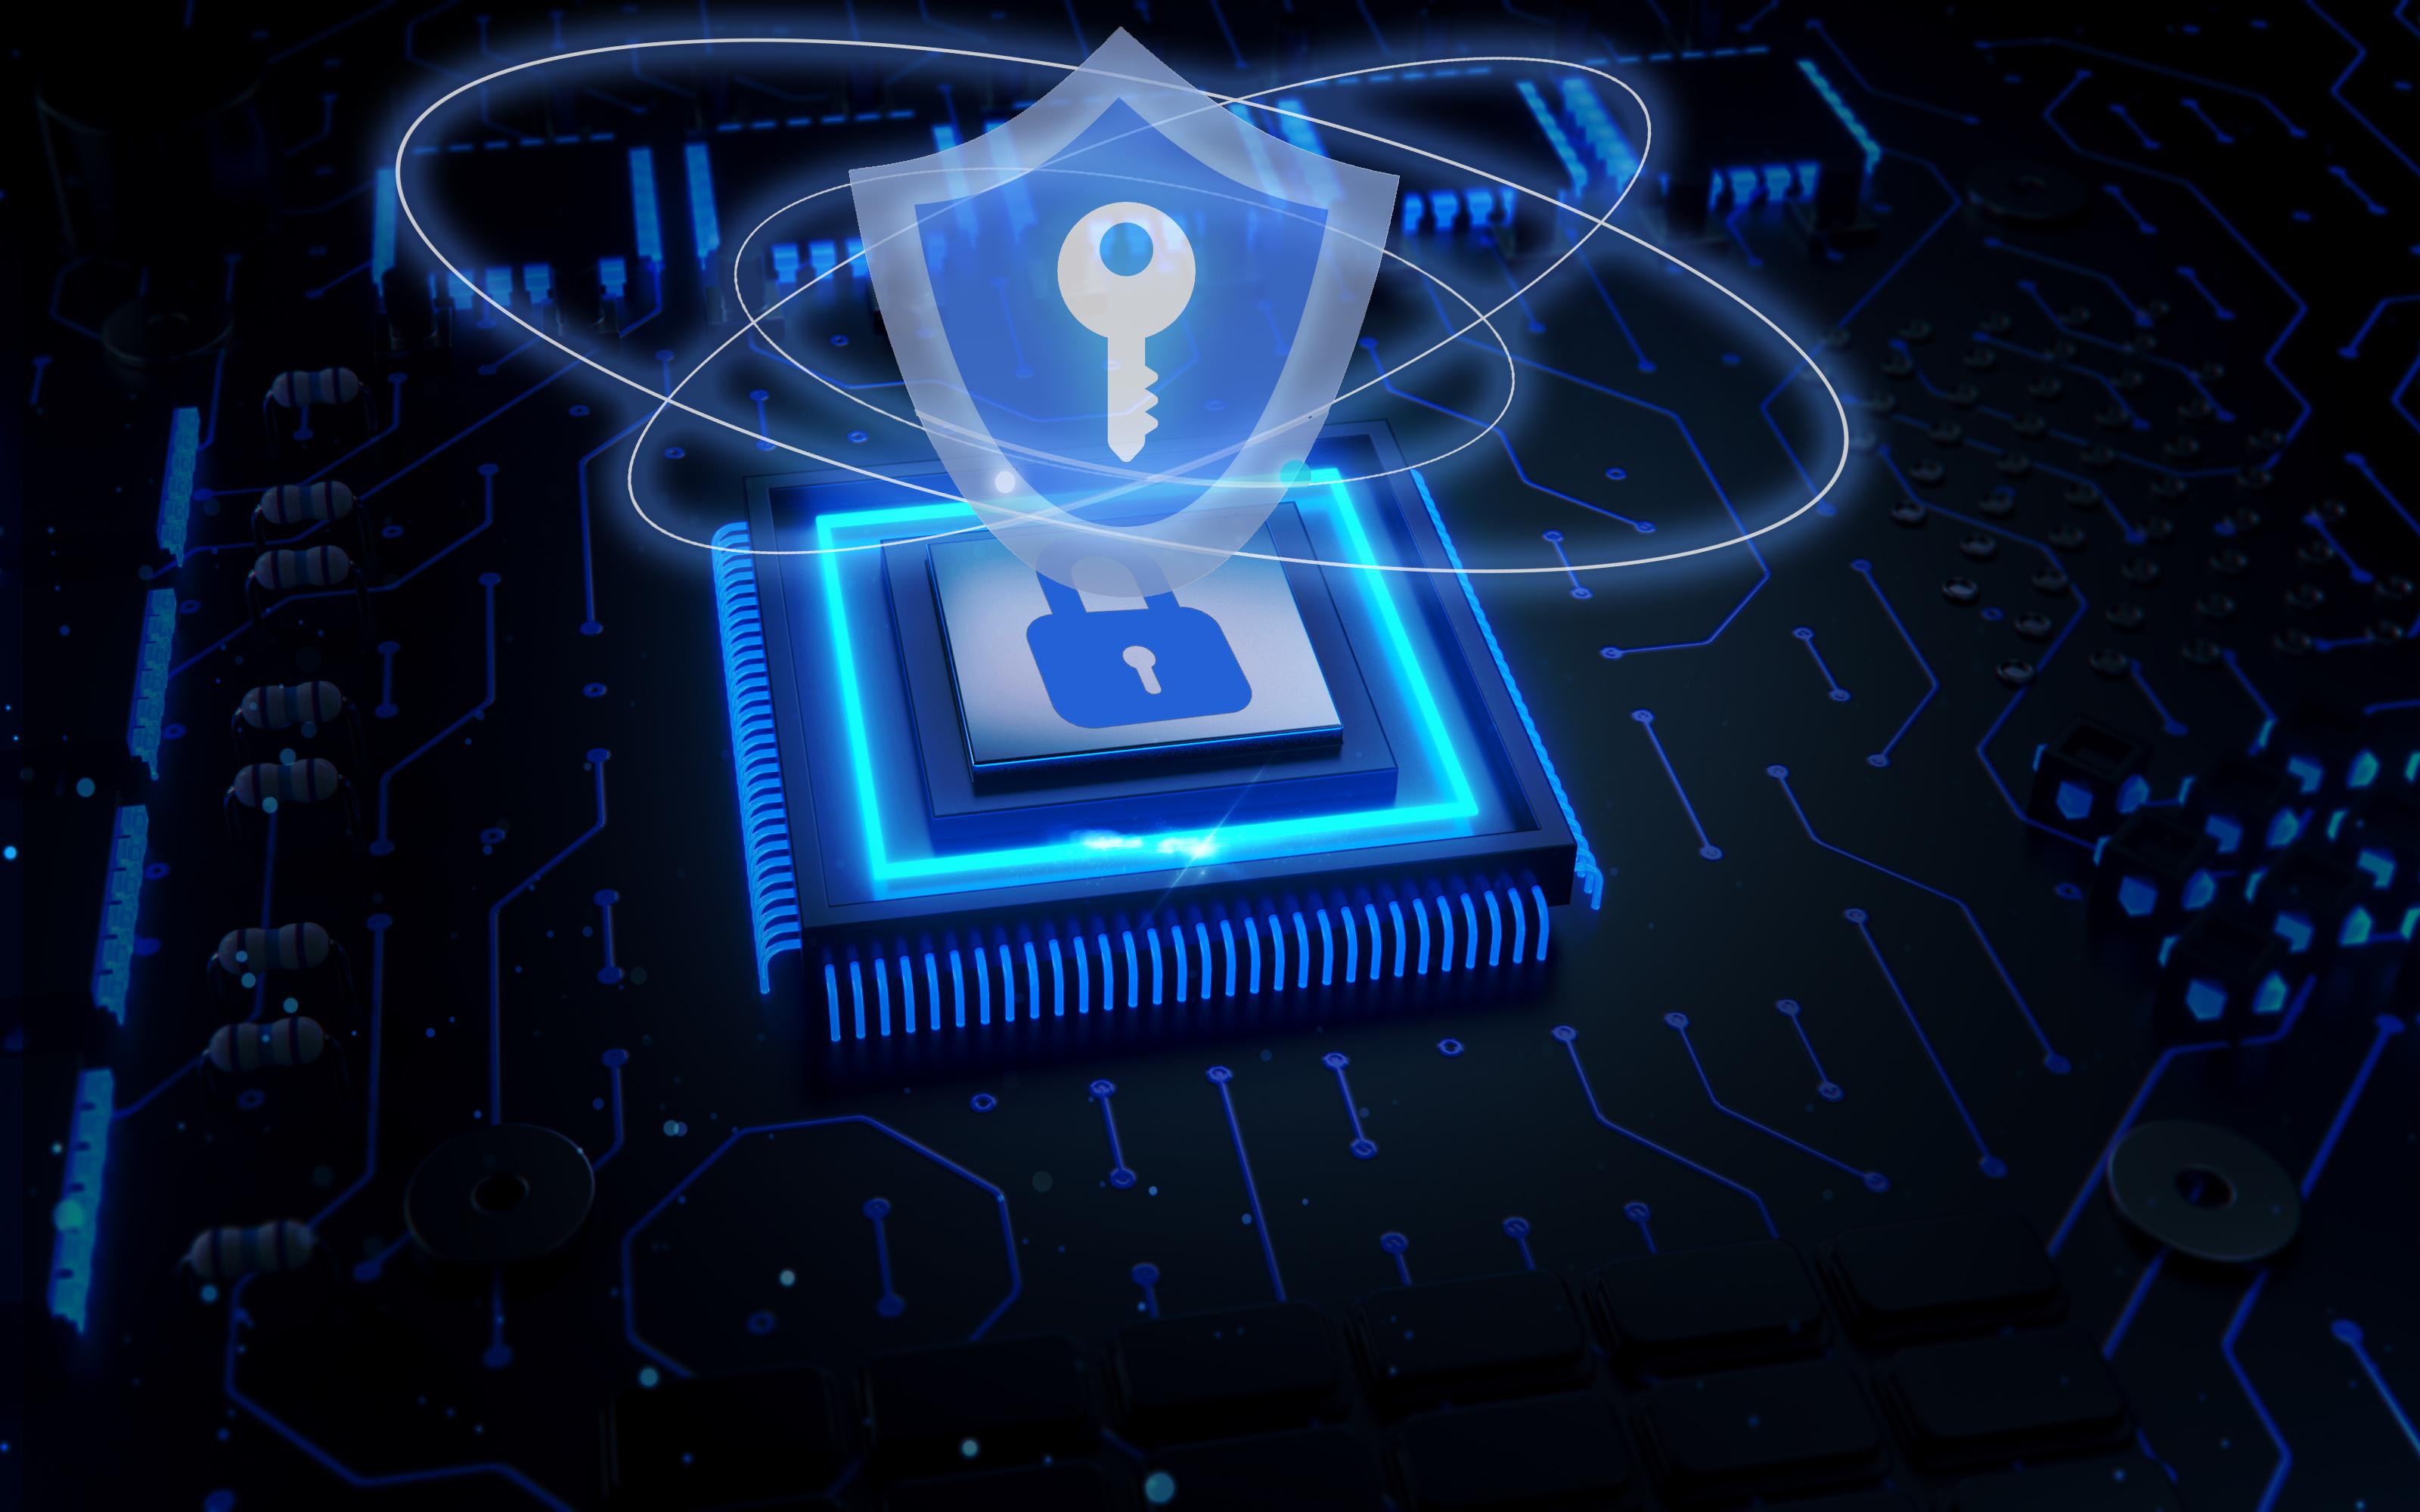 代码签名证书及时间戳服务策略调整